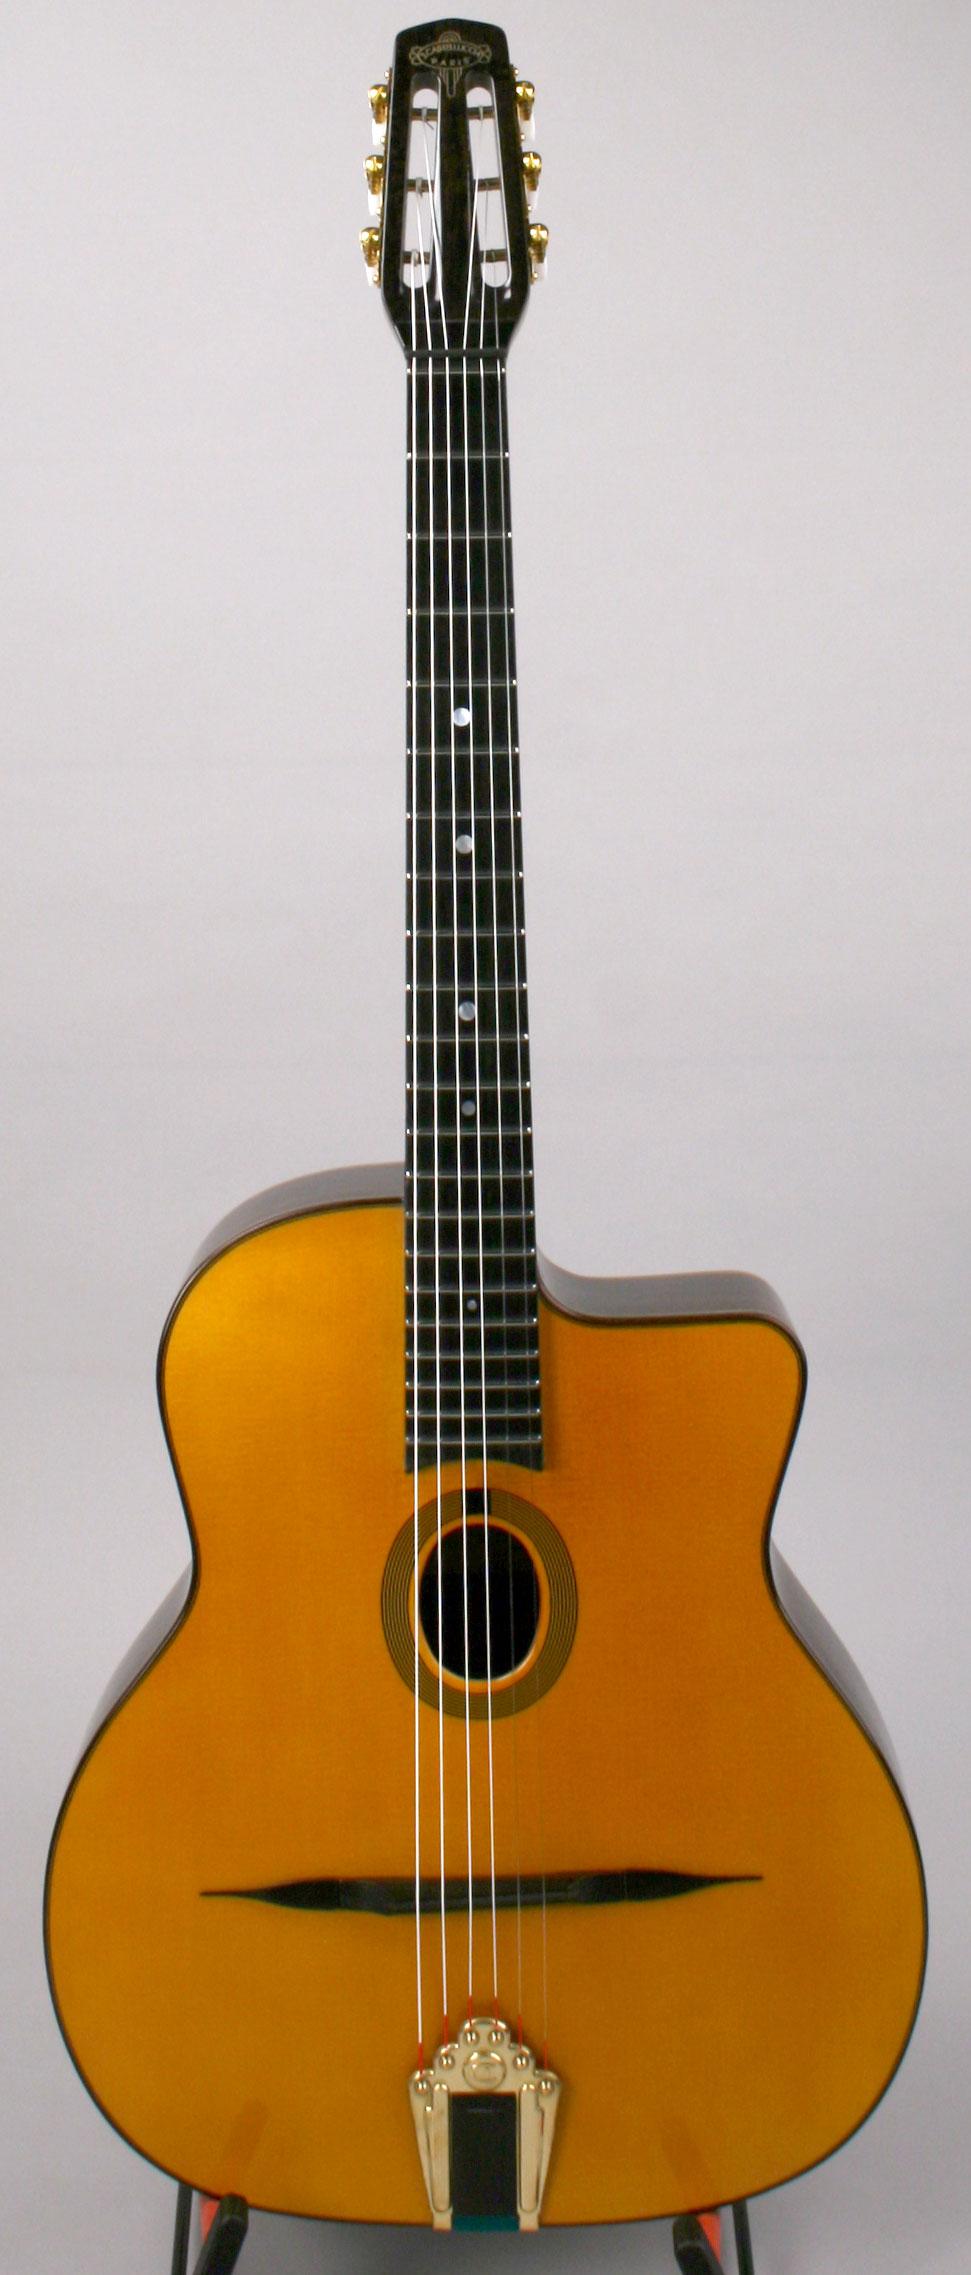 Menilmontant Guitare Manouche | Luthier Castelluccia Paris